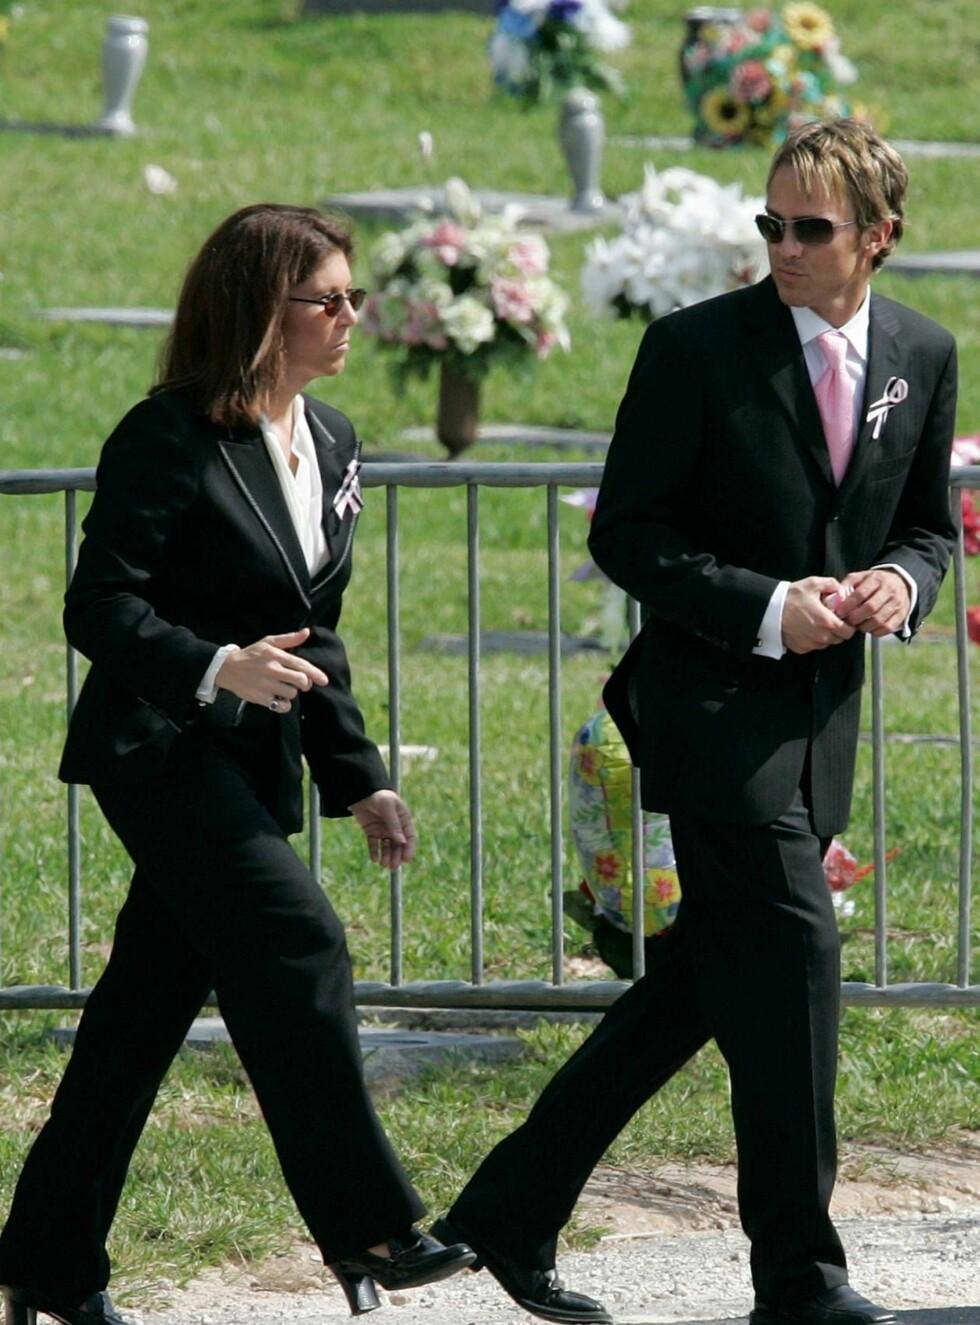 MULIG FAR: Larry Birkhead er en av de mulige fedrene til Annas unge datter. Foto: AP